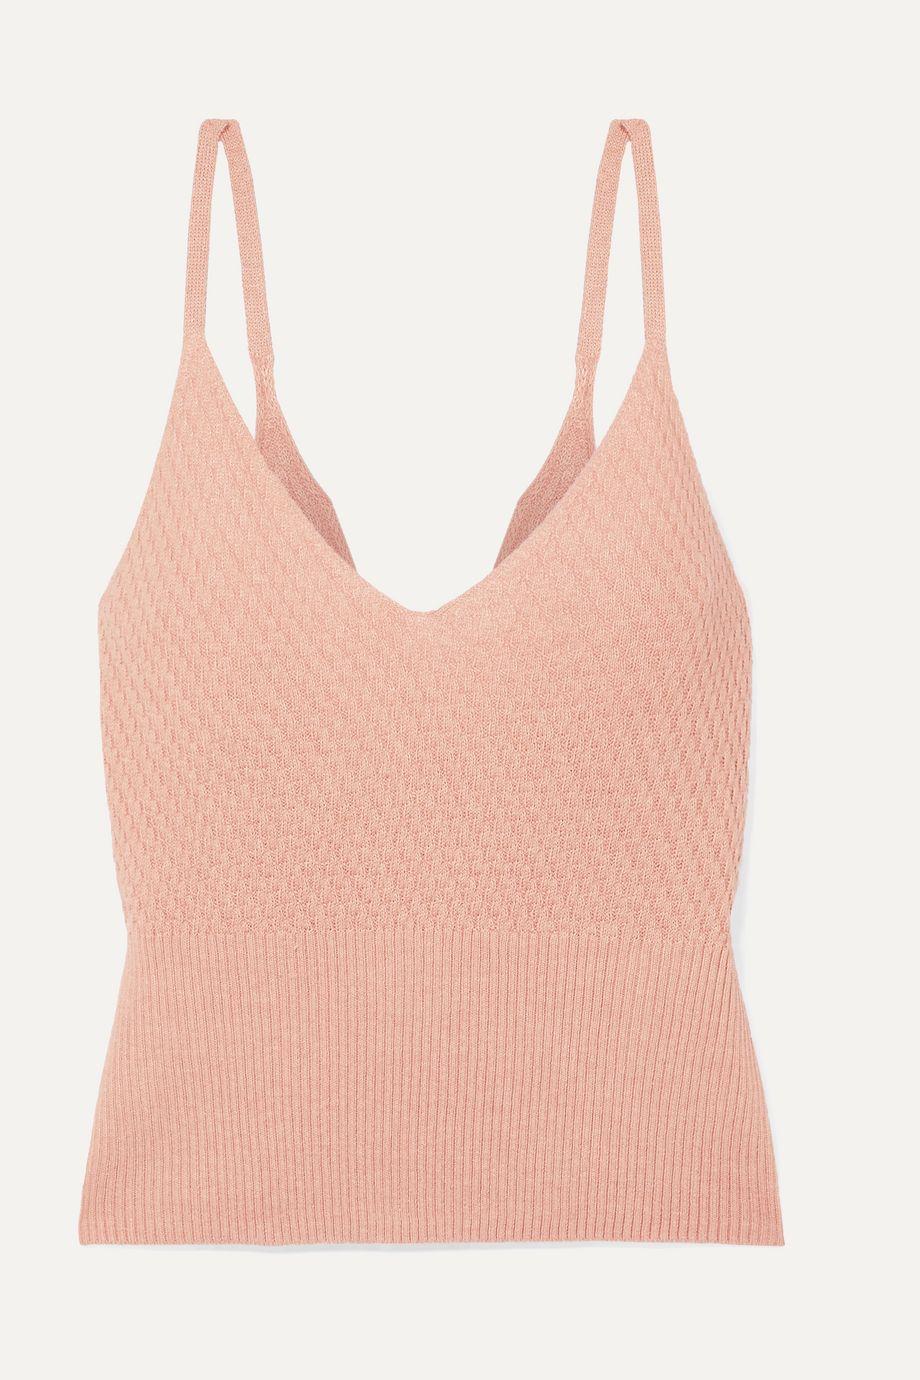 Skin Deidre cropped cotton-blend camisole